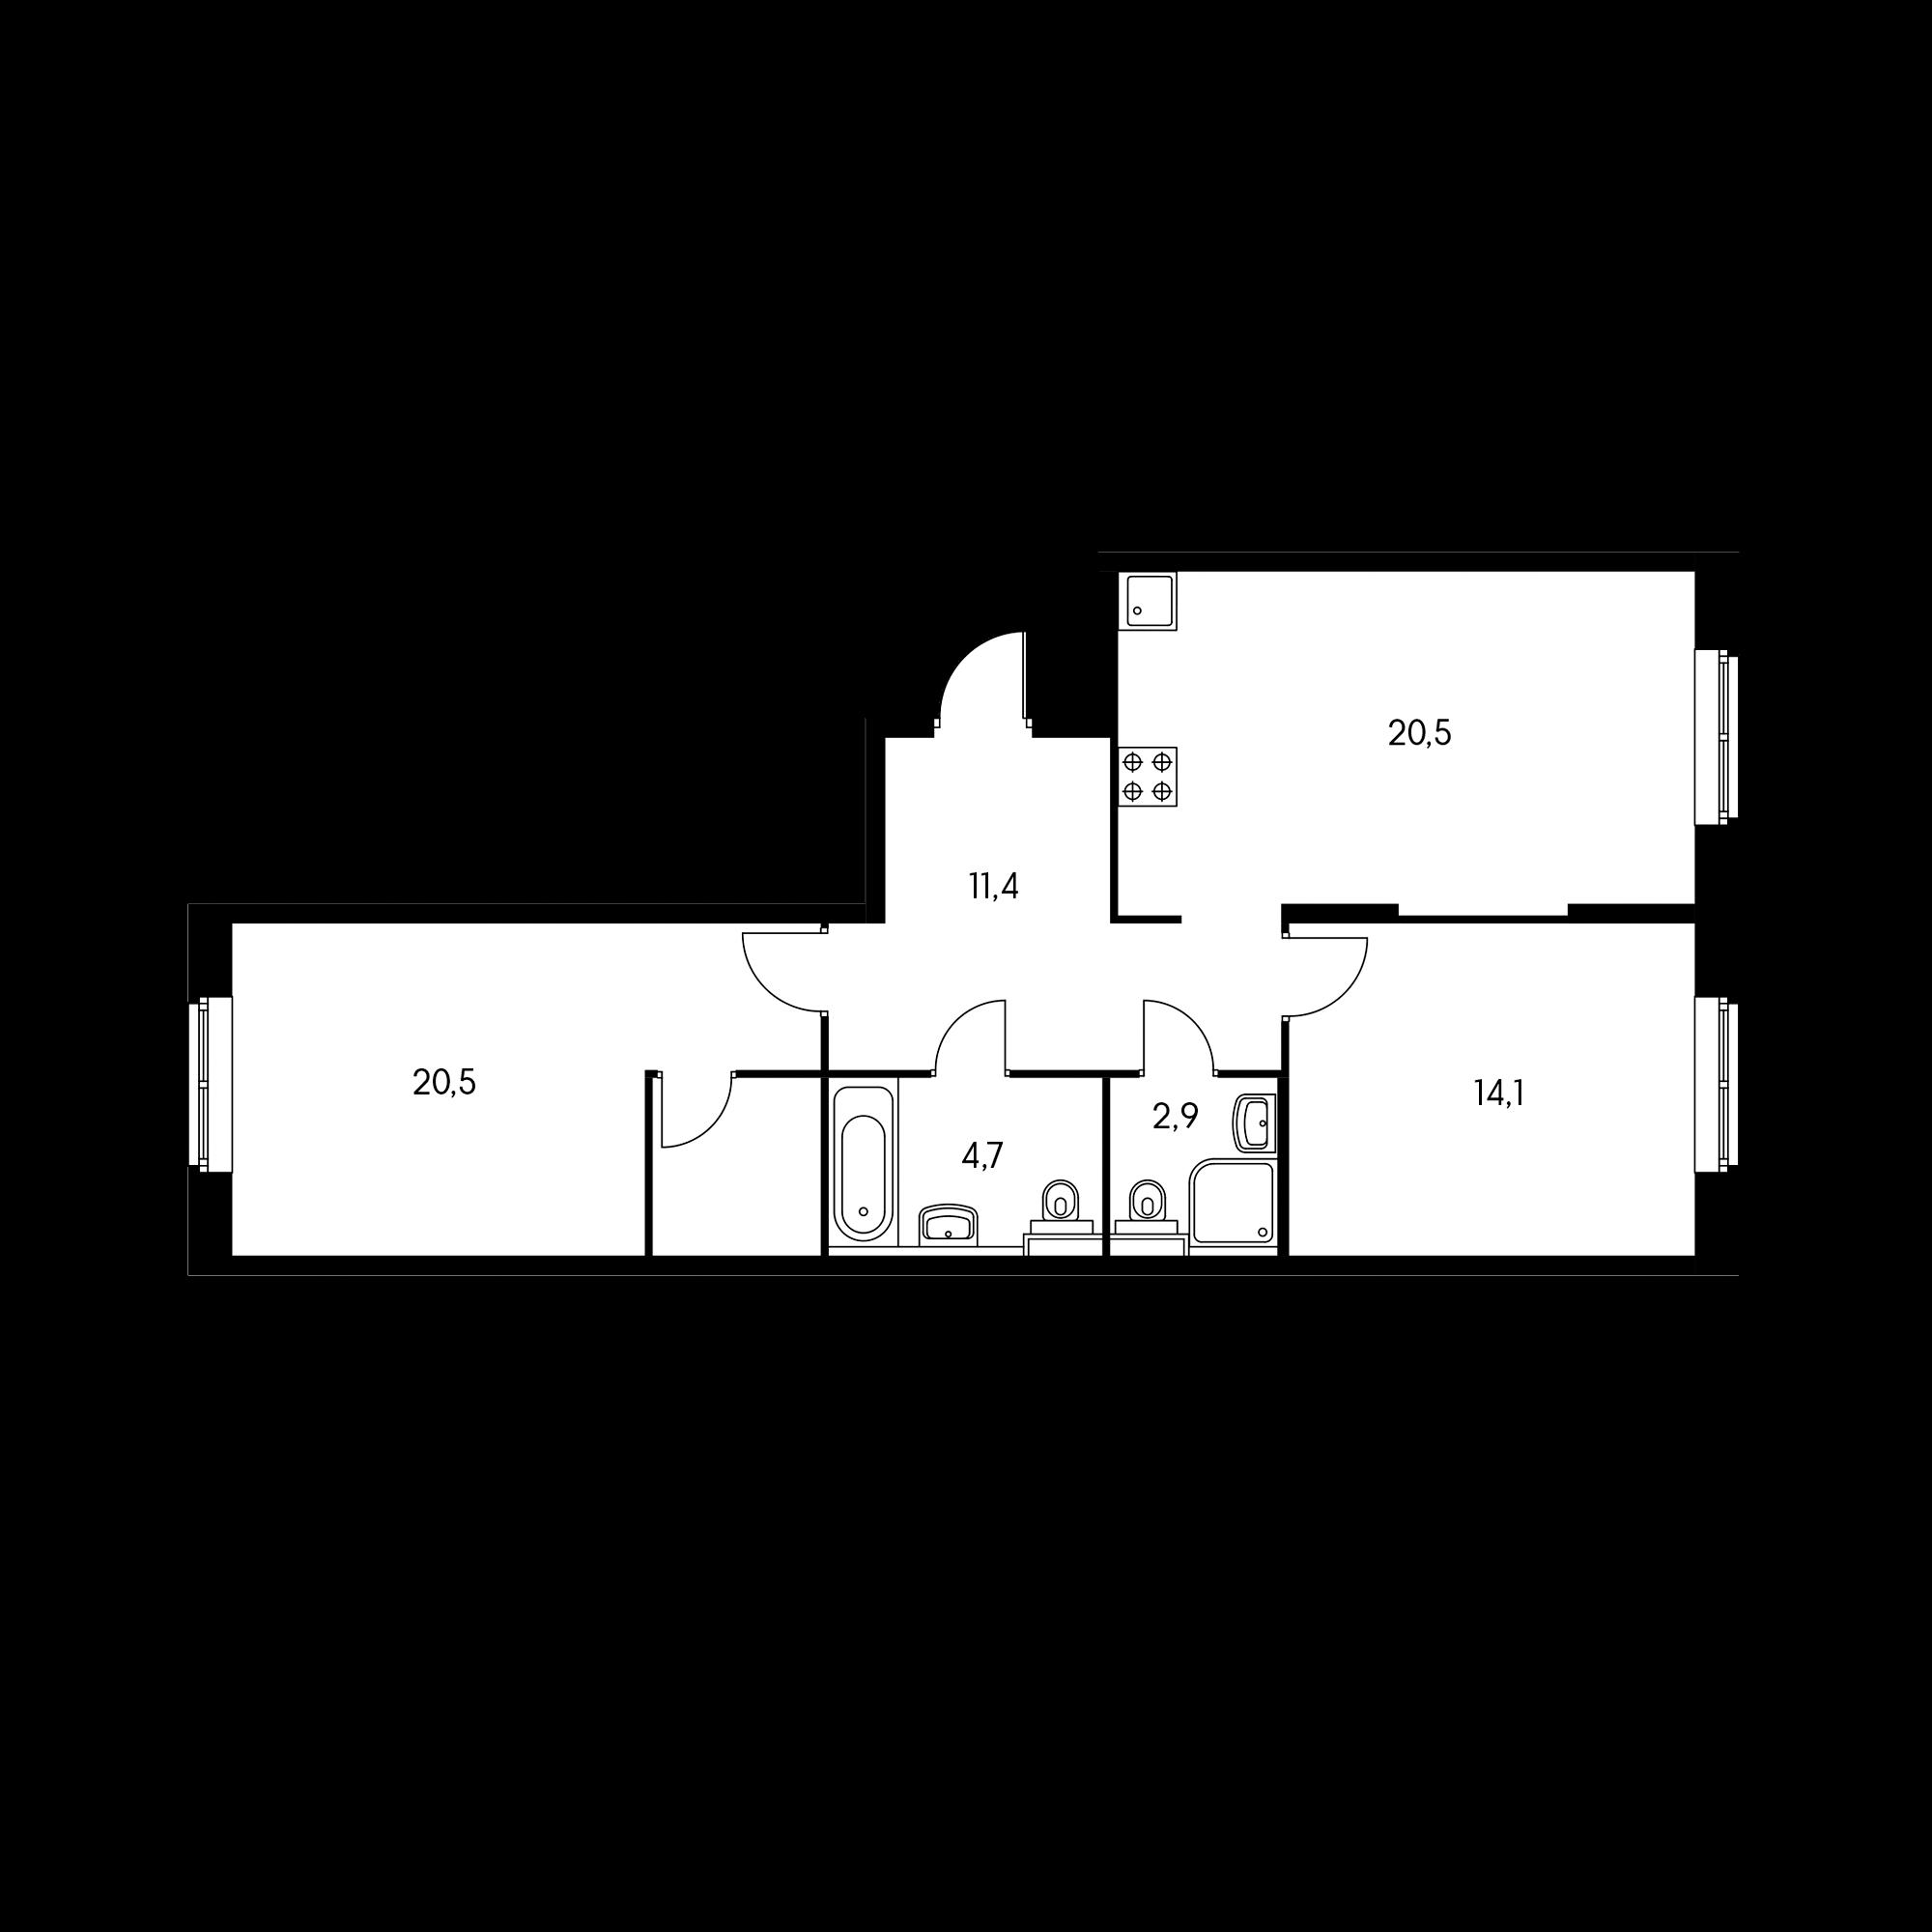 2EL3_7.2-1_Z